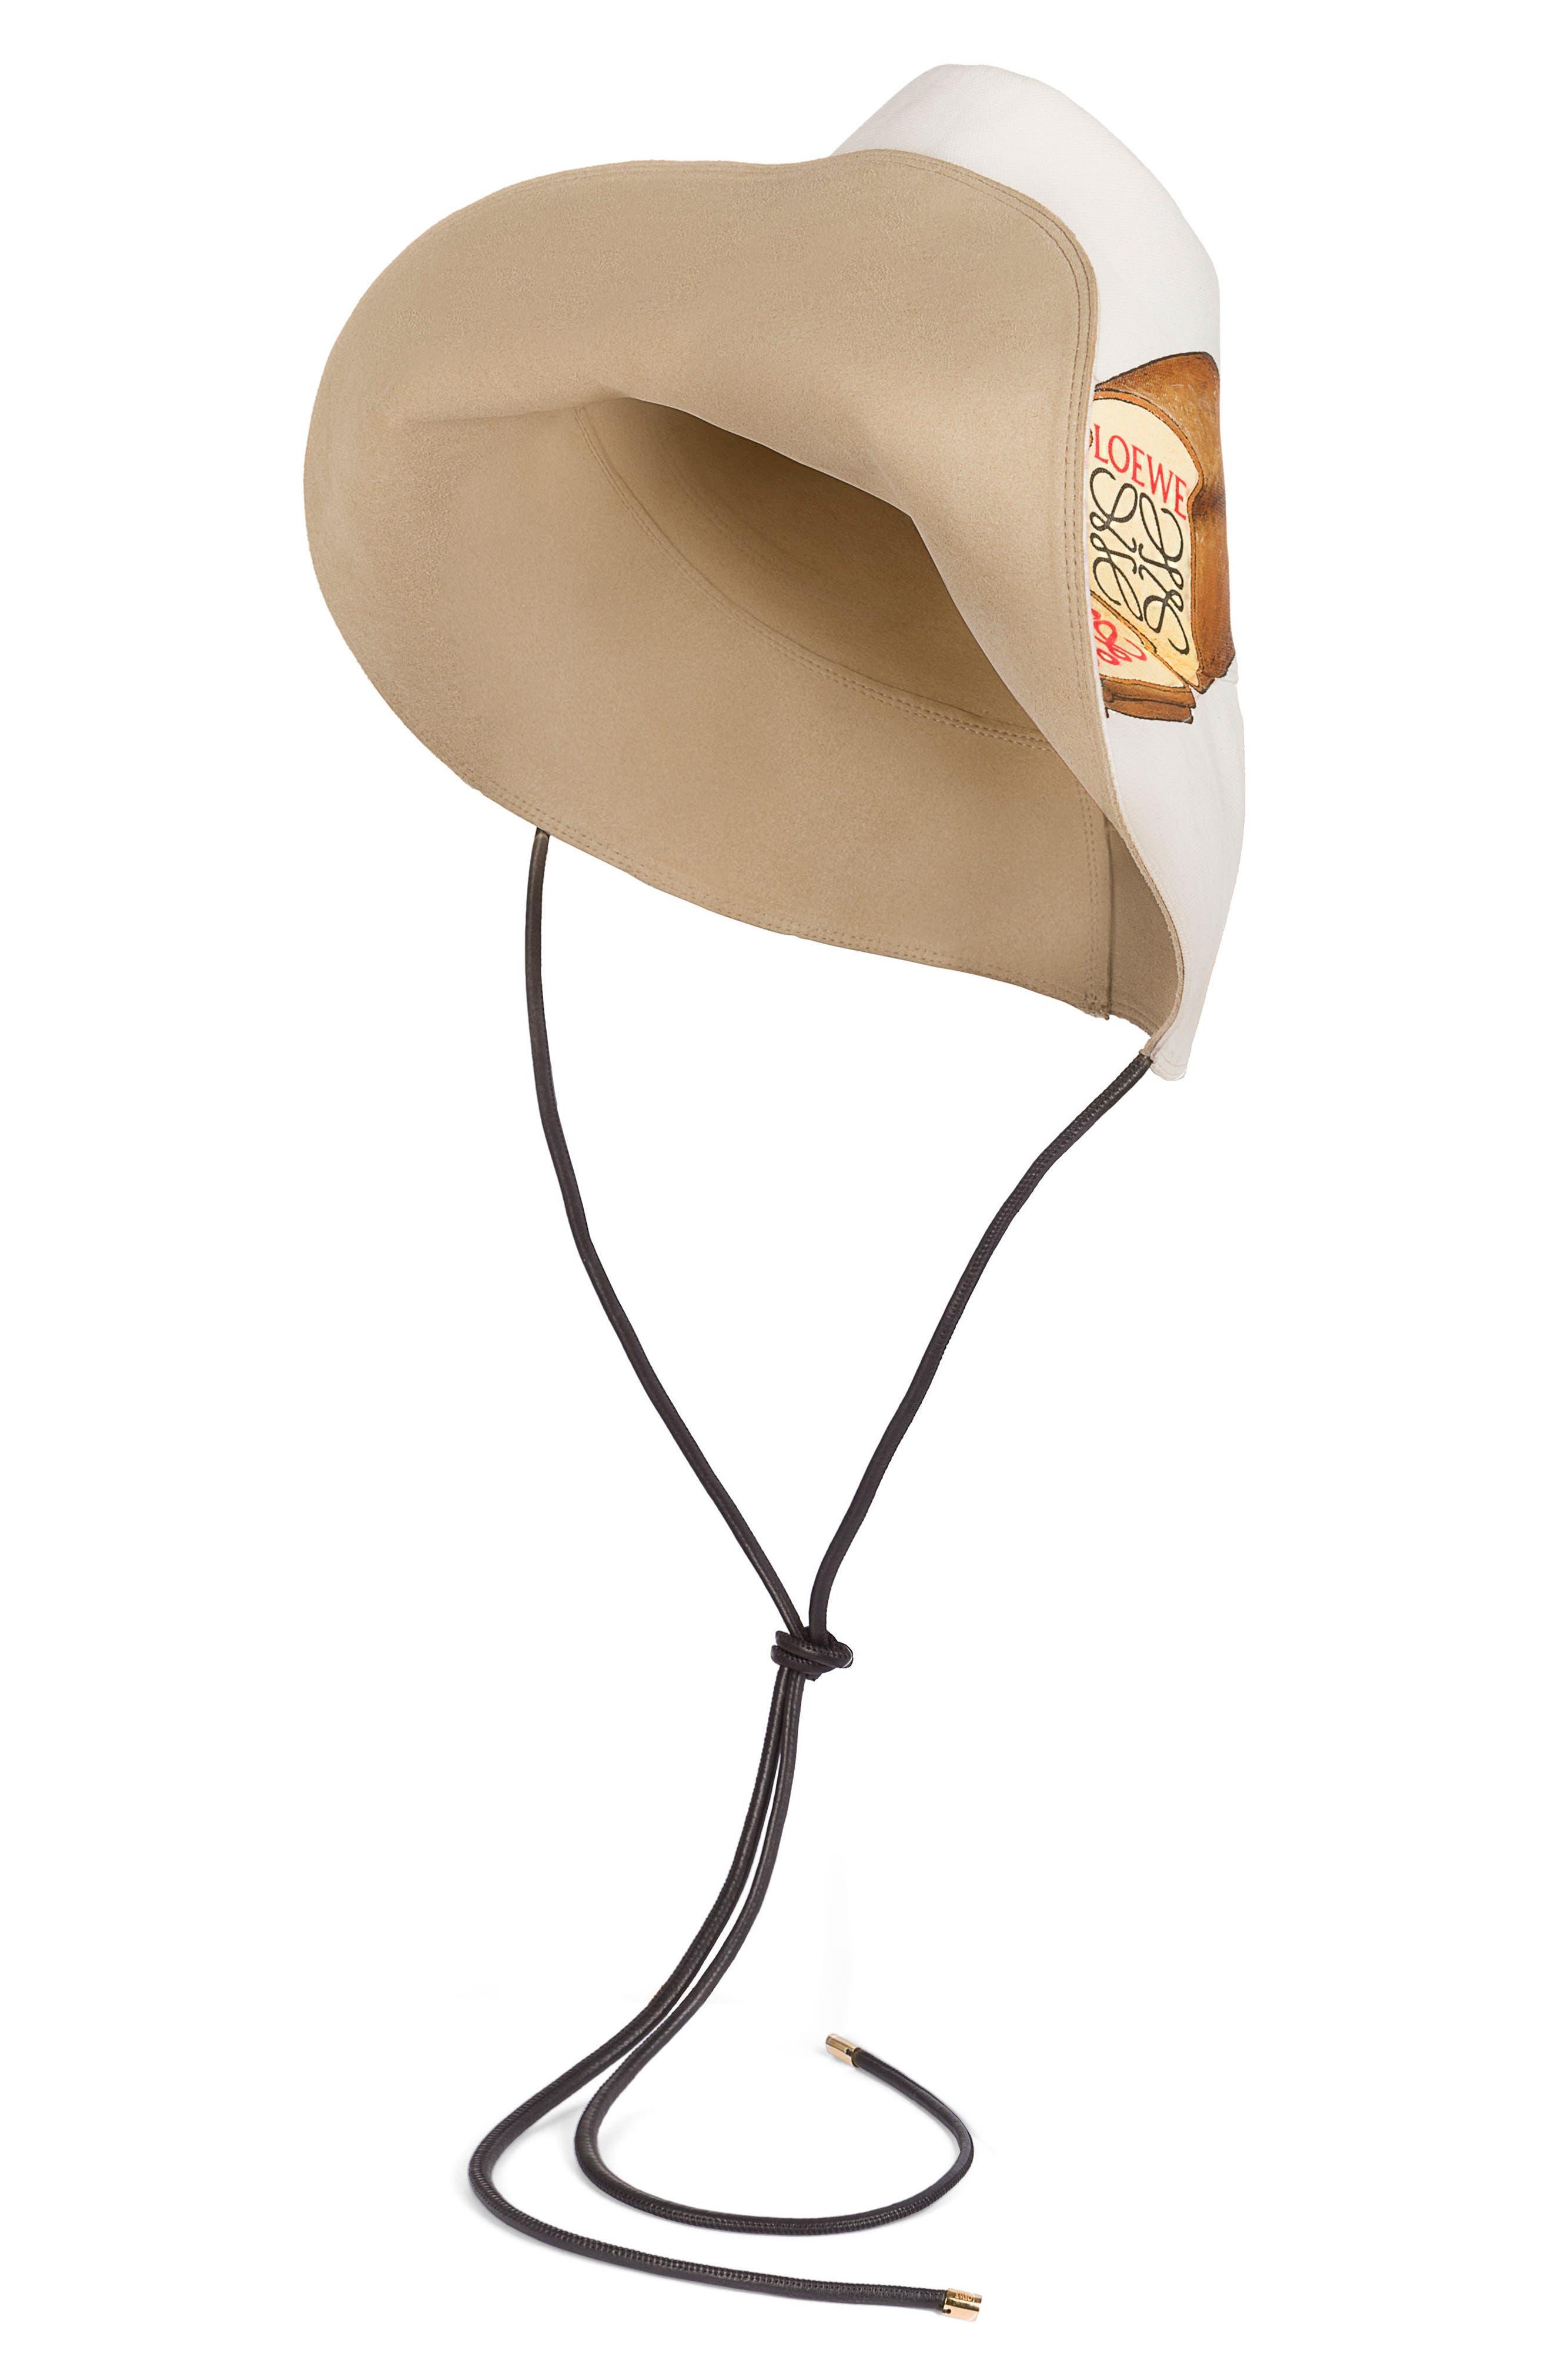 Loewe Toast Hat